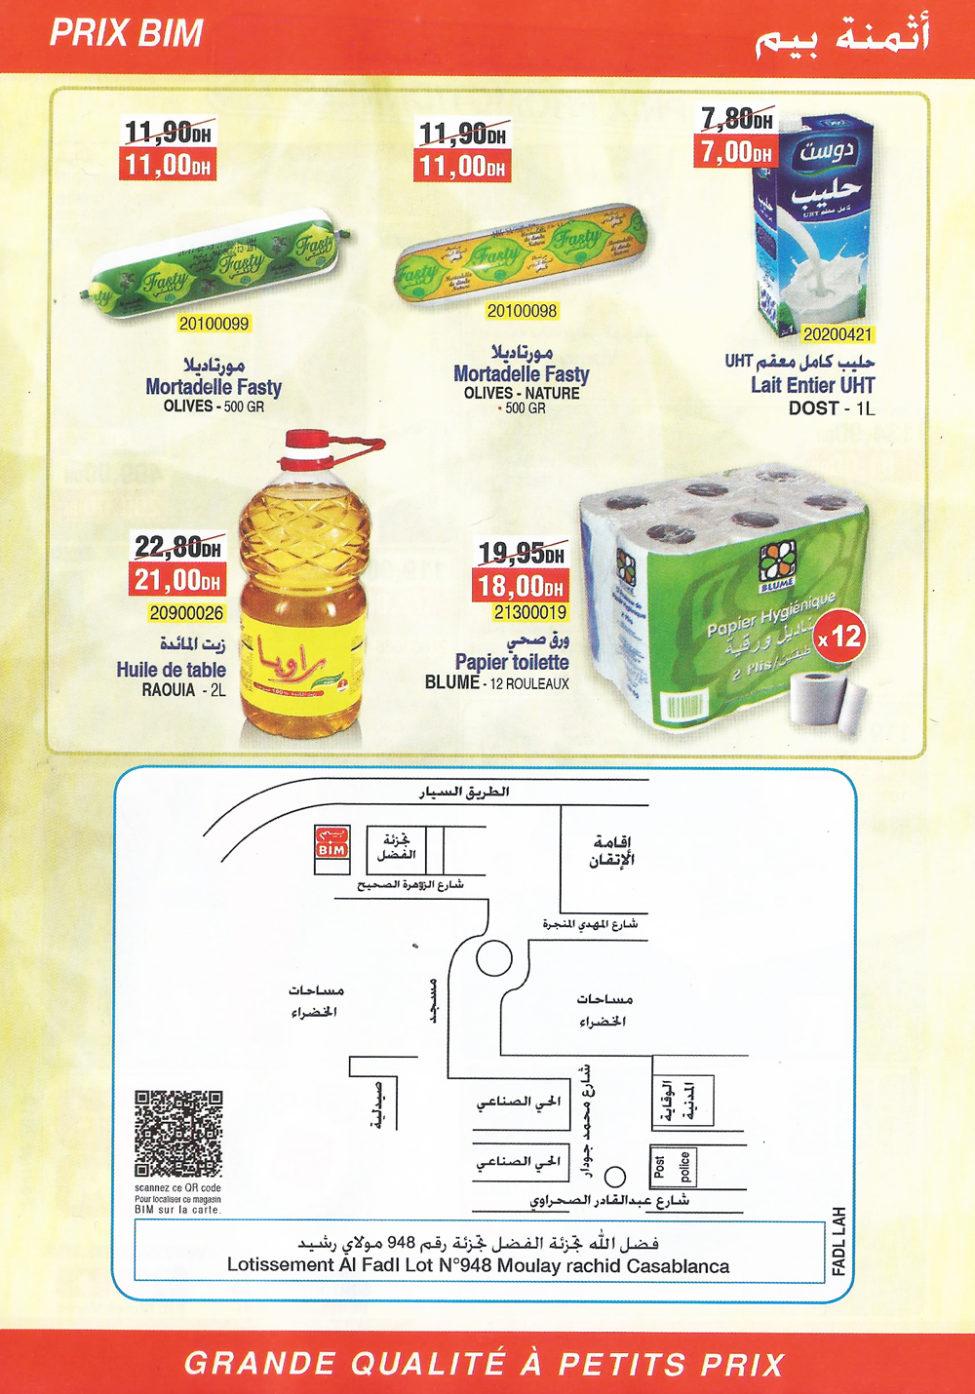 Catalogue Spéciale Bim Al Fadl Casablanca du 1 au 3 Février 2019